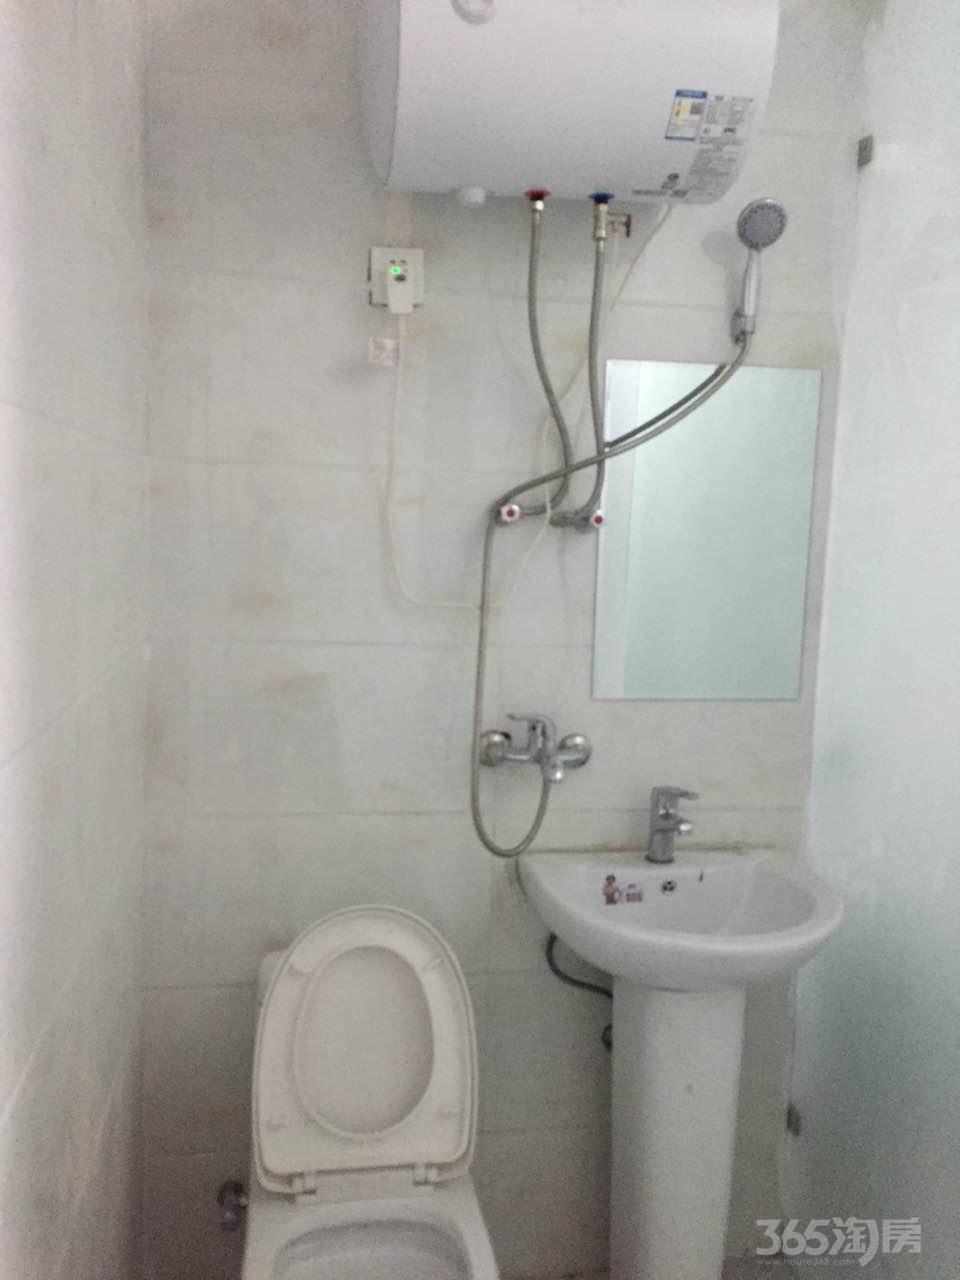 玄武区长江路估衣廊28号1室1厅户型图